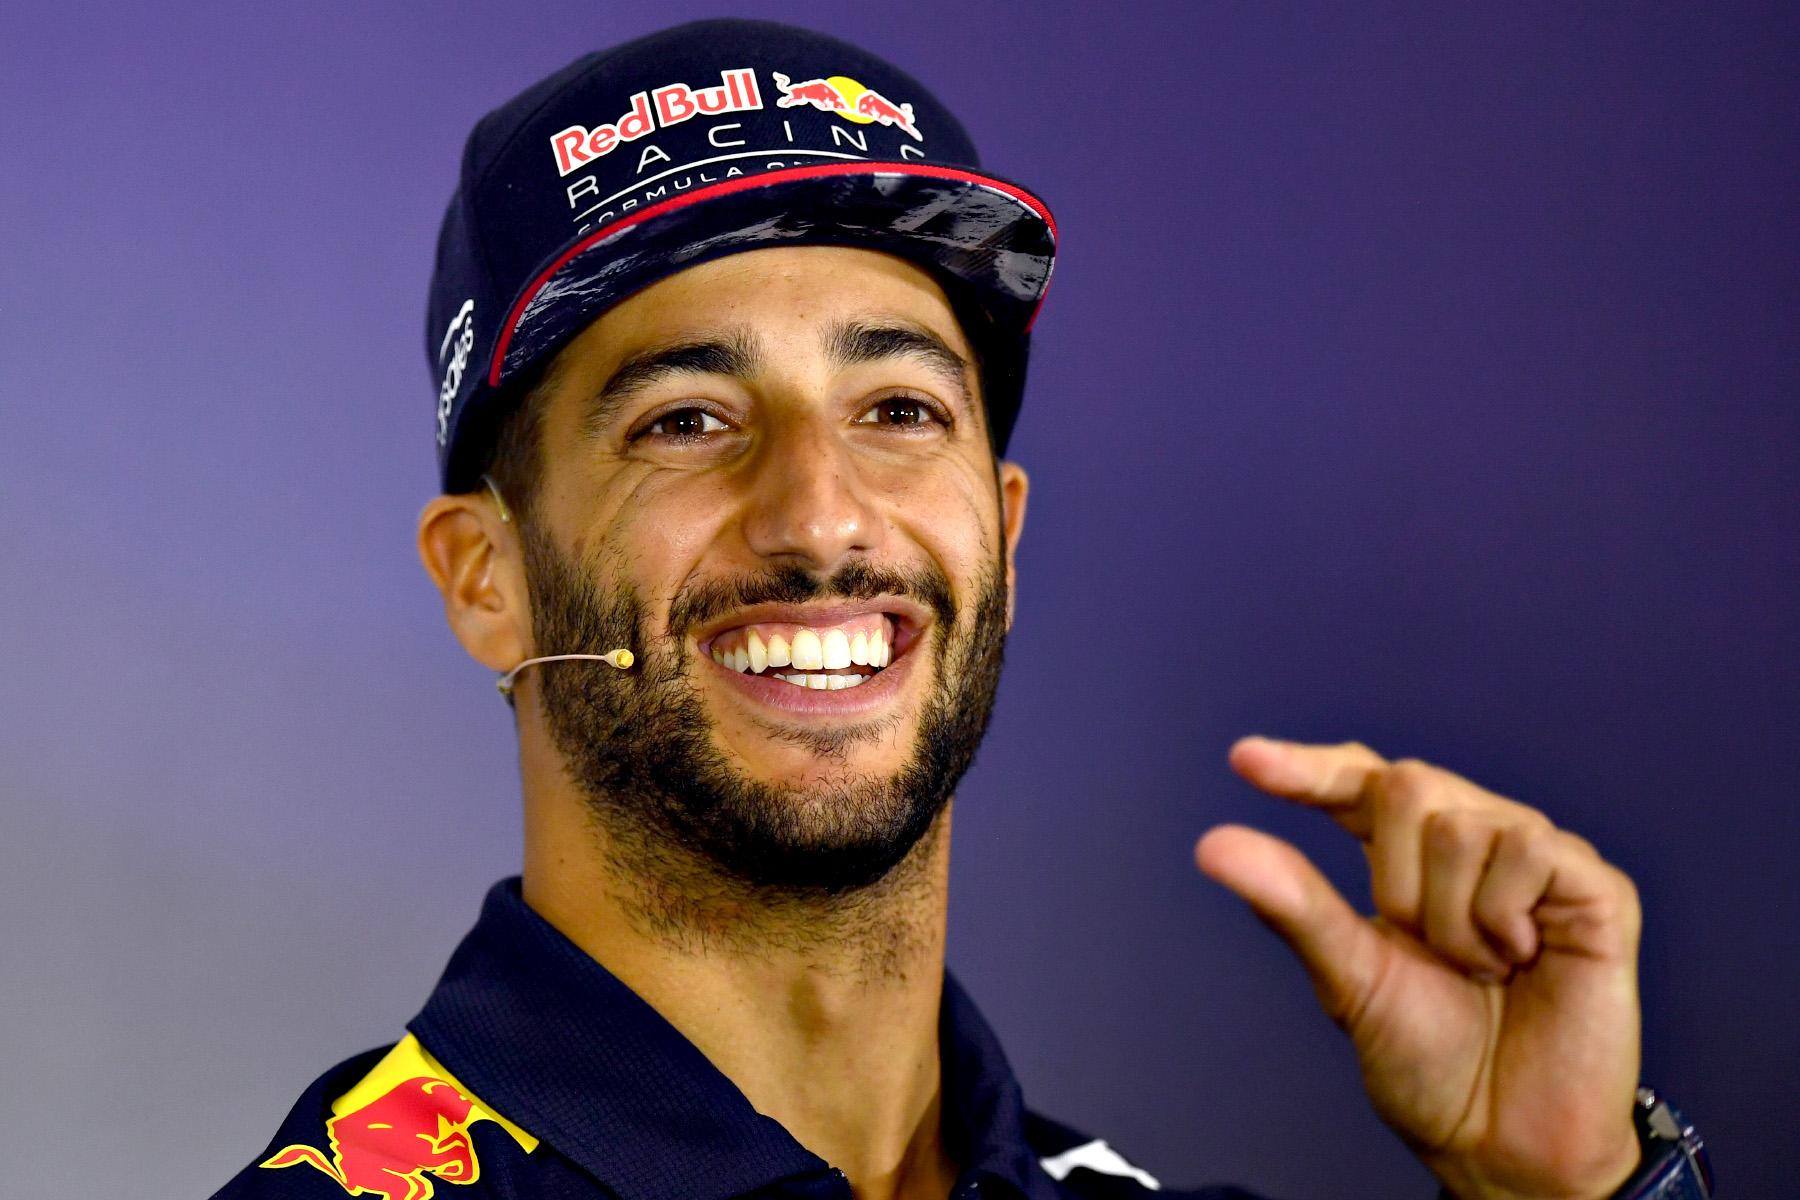 Daniel Ricciardo at the 2017 British Grand Prix.